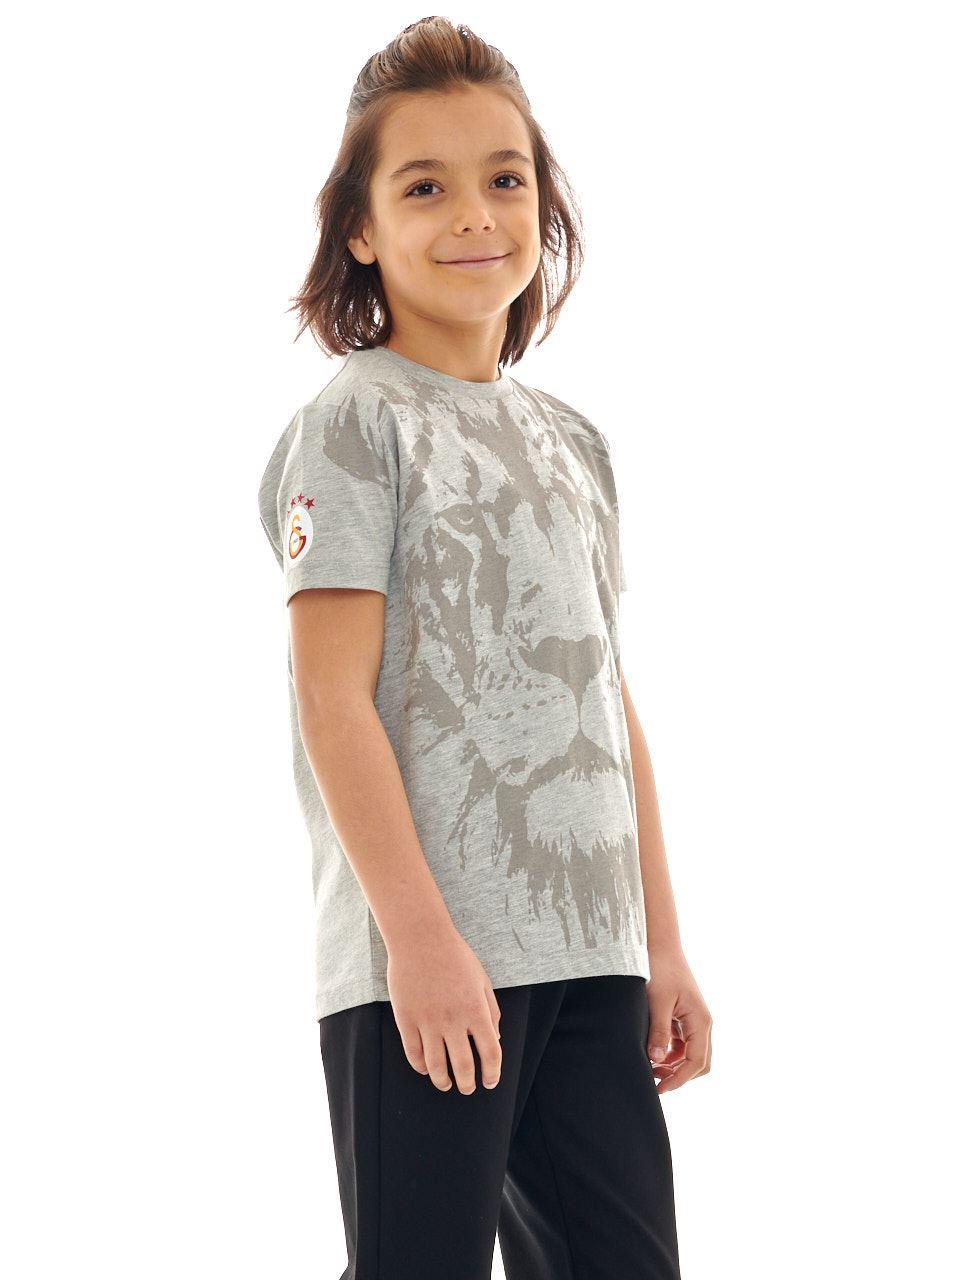 Galatasaray Çocuk T-shirt C211127